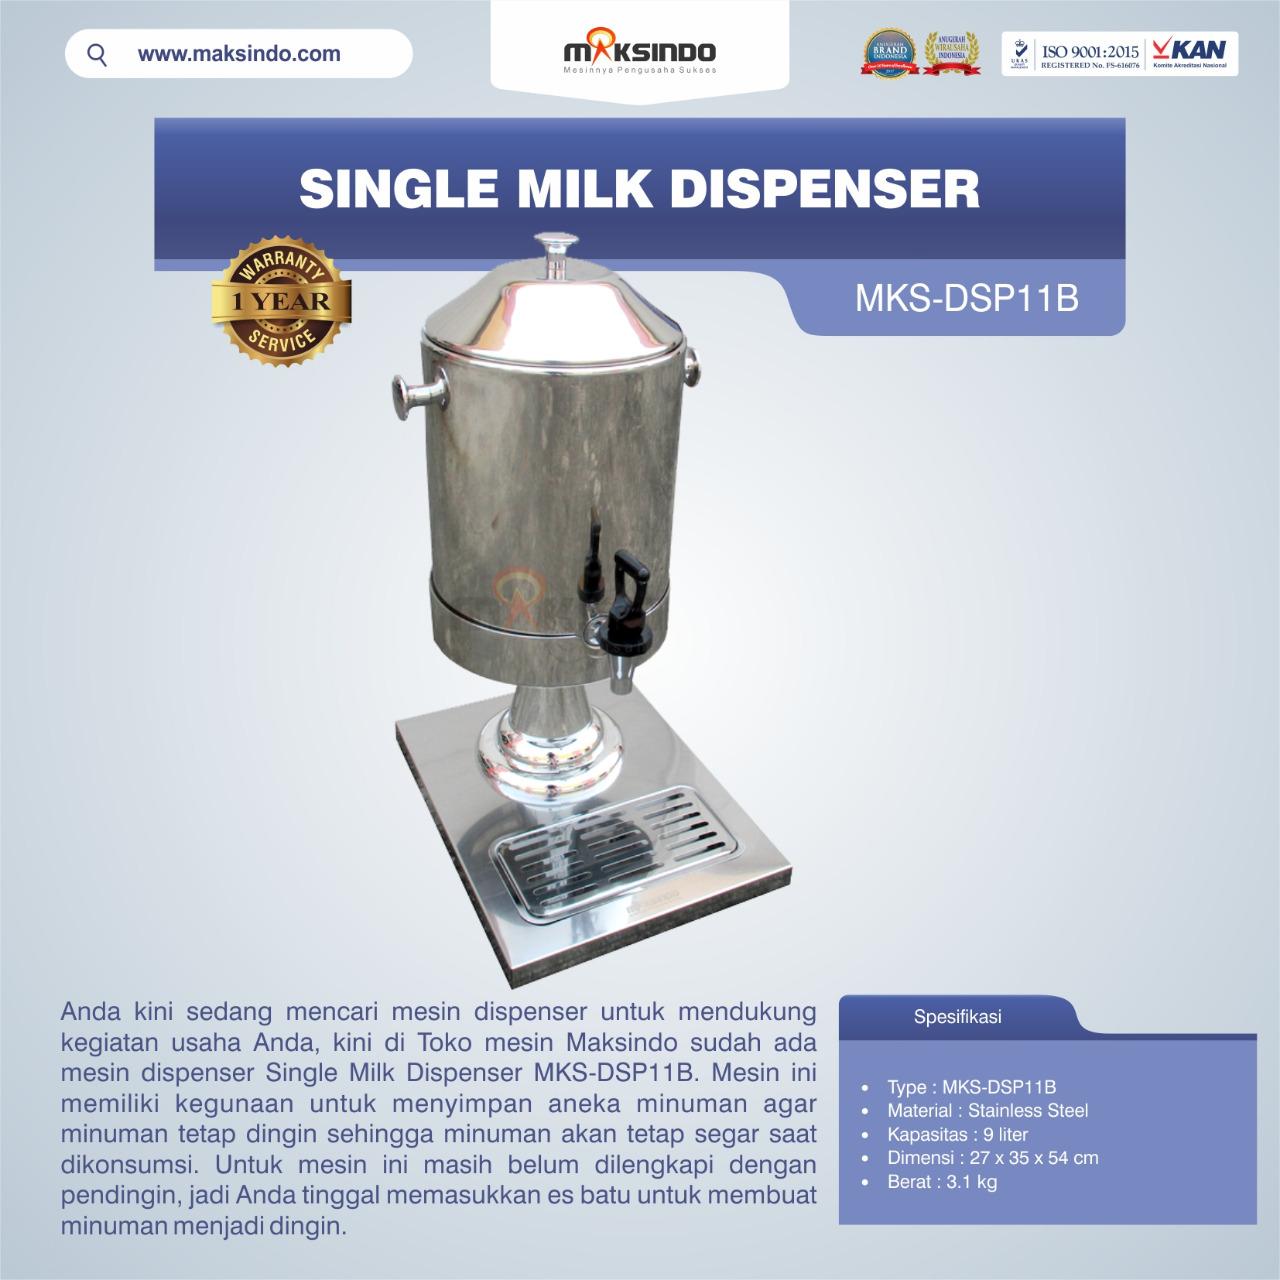 Jual Single Milk Dispenser MKS-DSP11B di Jakarta